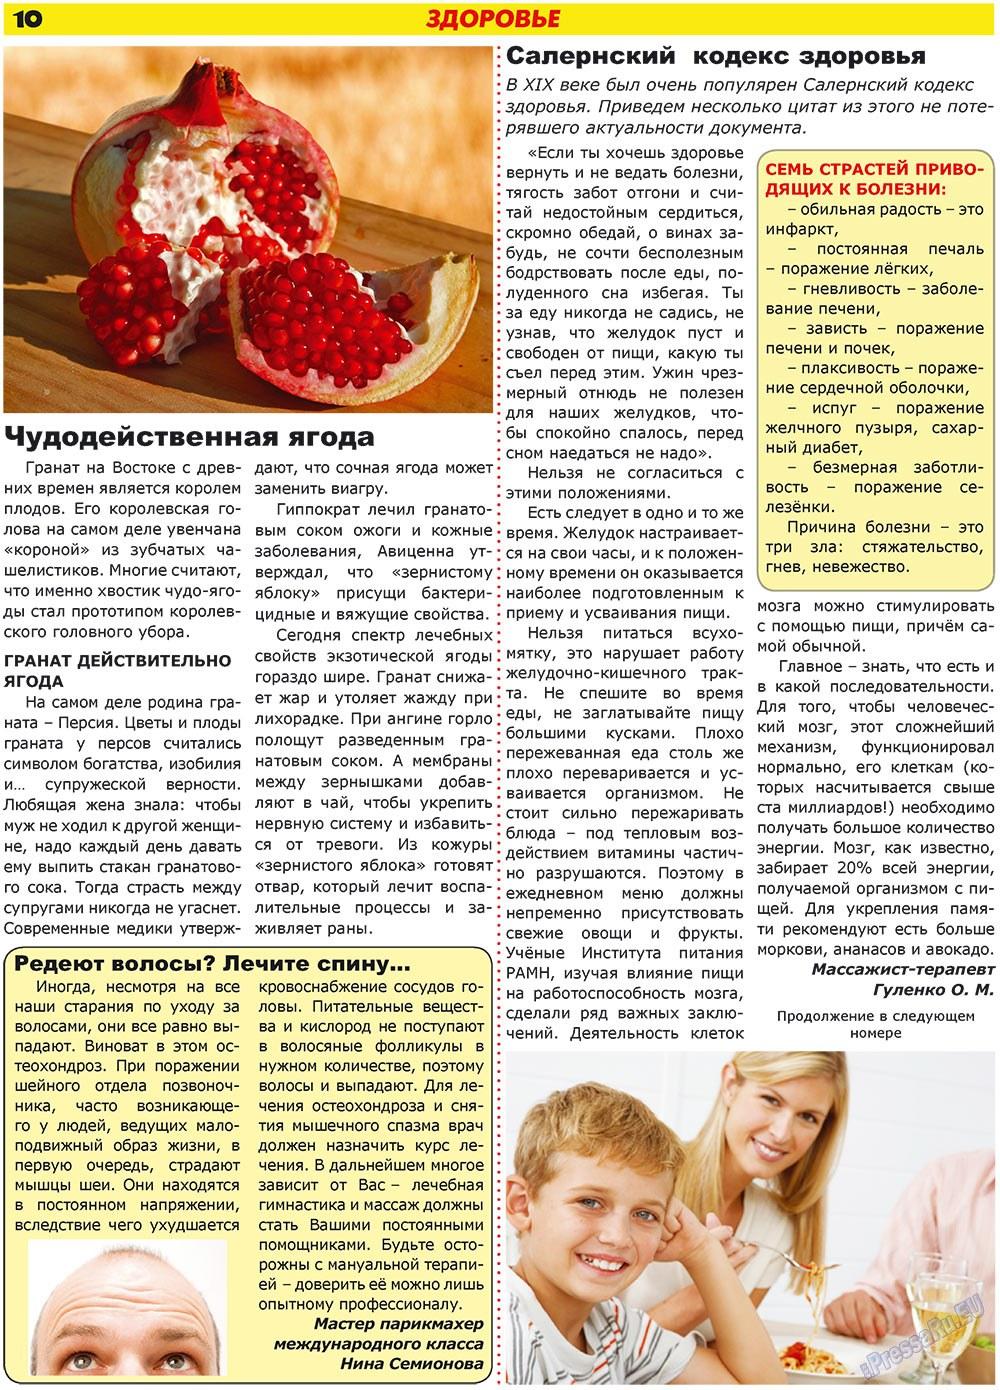 Forum Plus (газета). 2009 год, номер 2, стр. 10